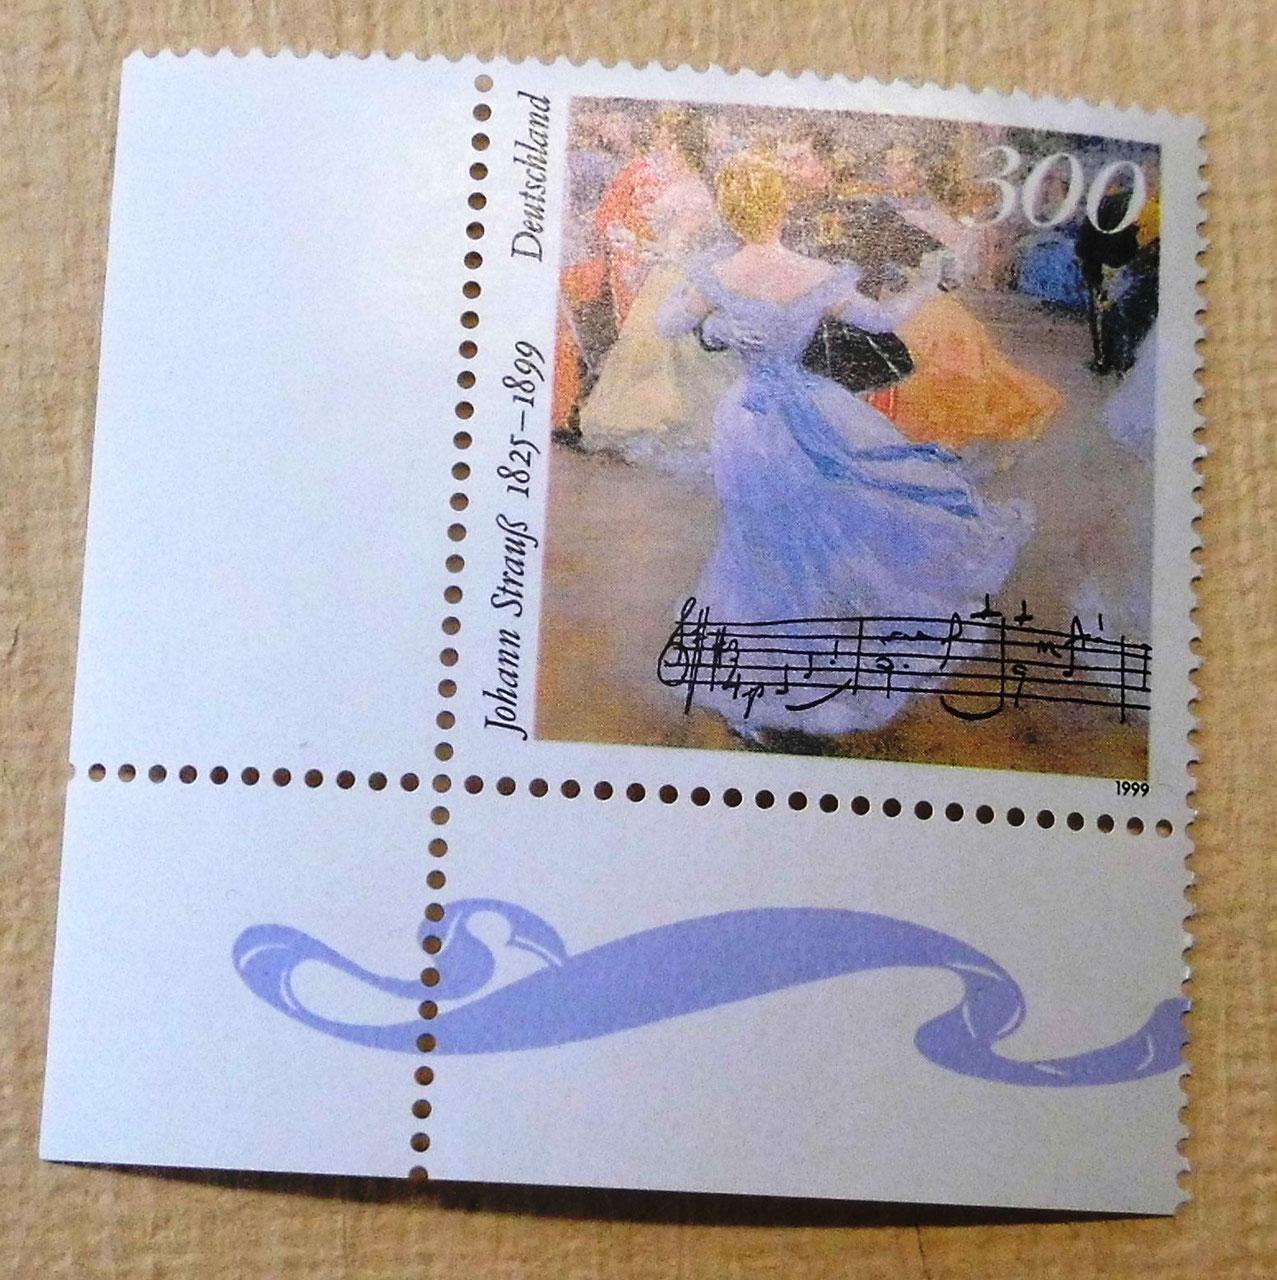 Briefmarken Deutschland Second Hand Discount